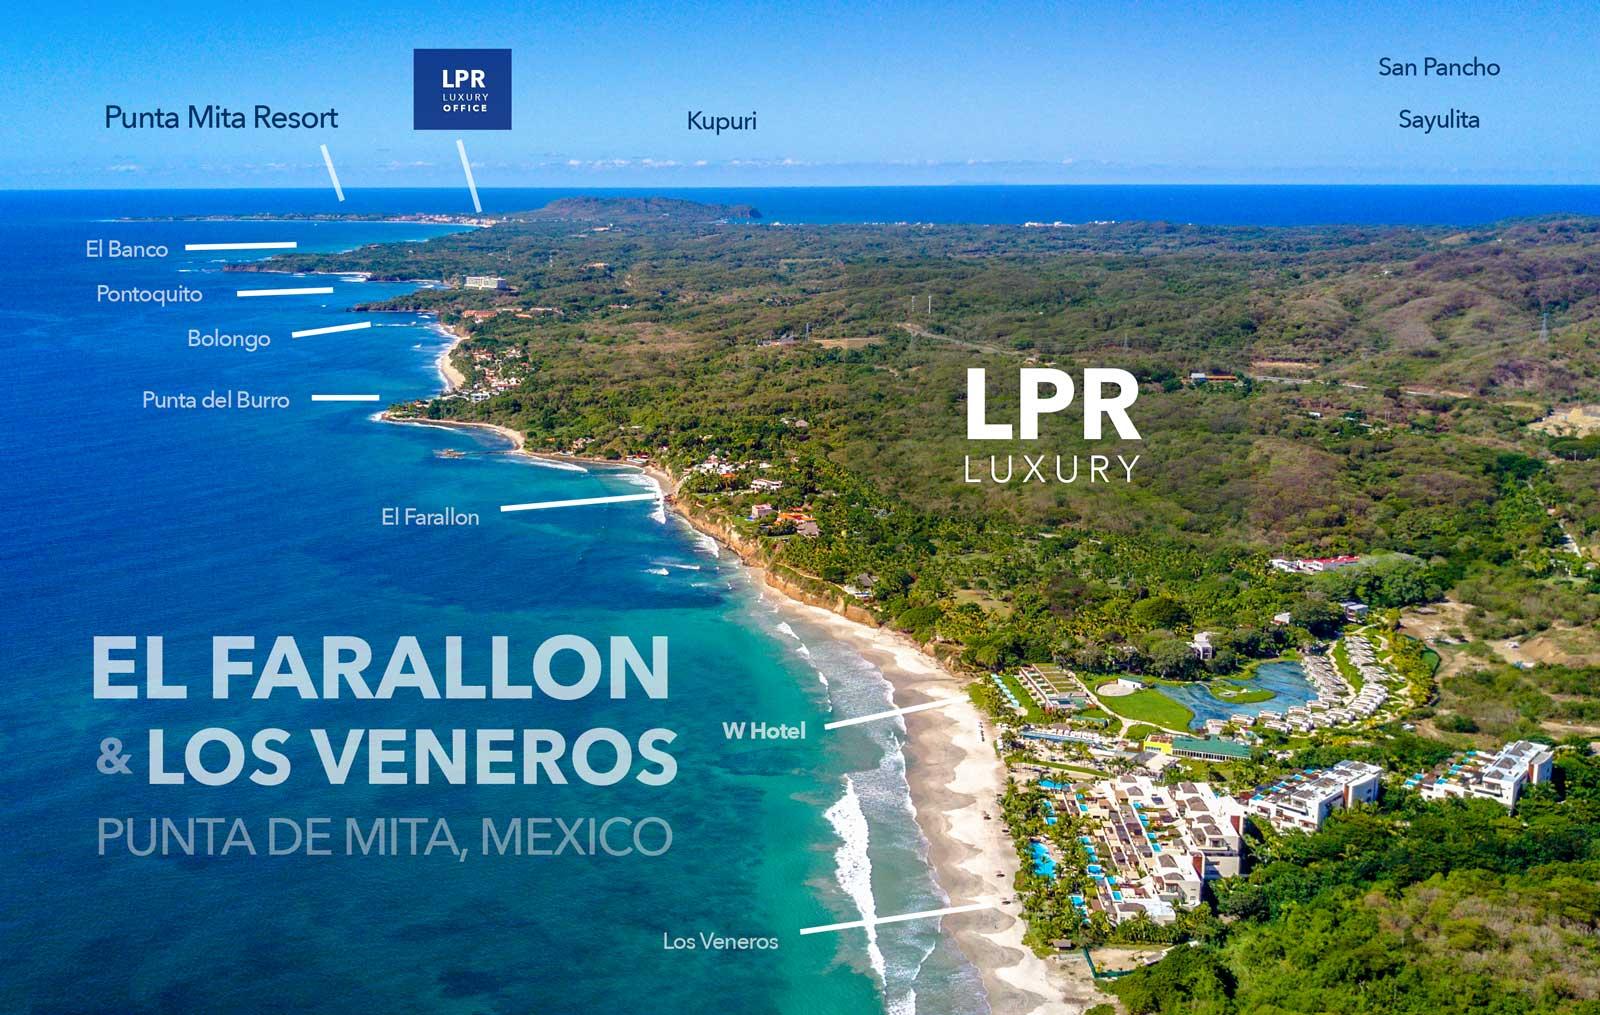 El Farallon / Los Veneros / W Hotel - Punta de Mita, Riviera Nayarit, Mexico